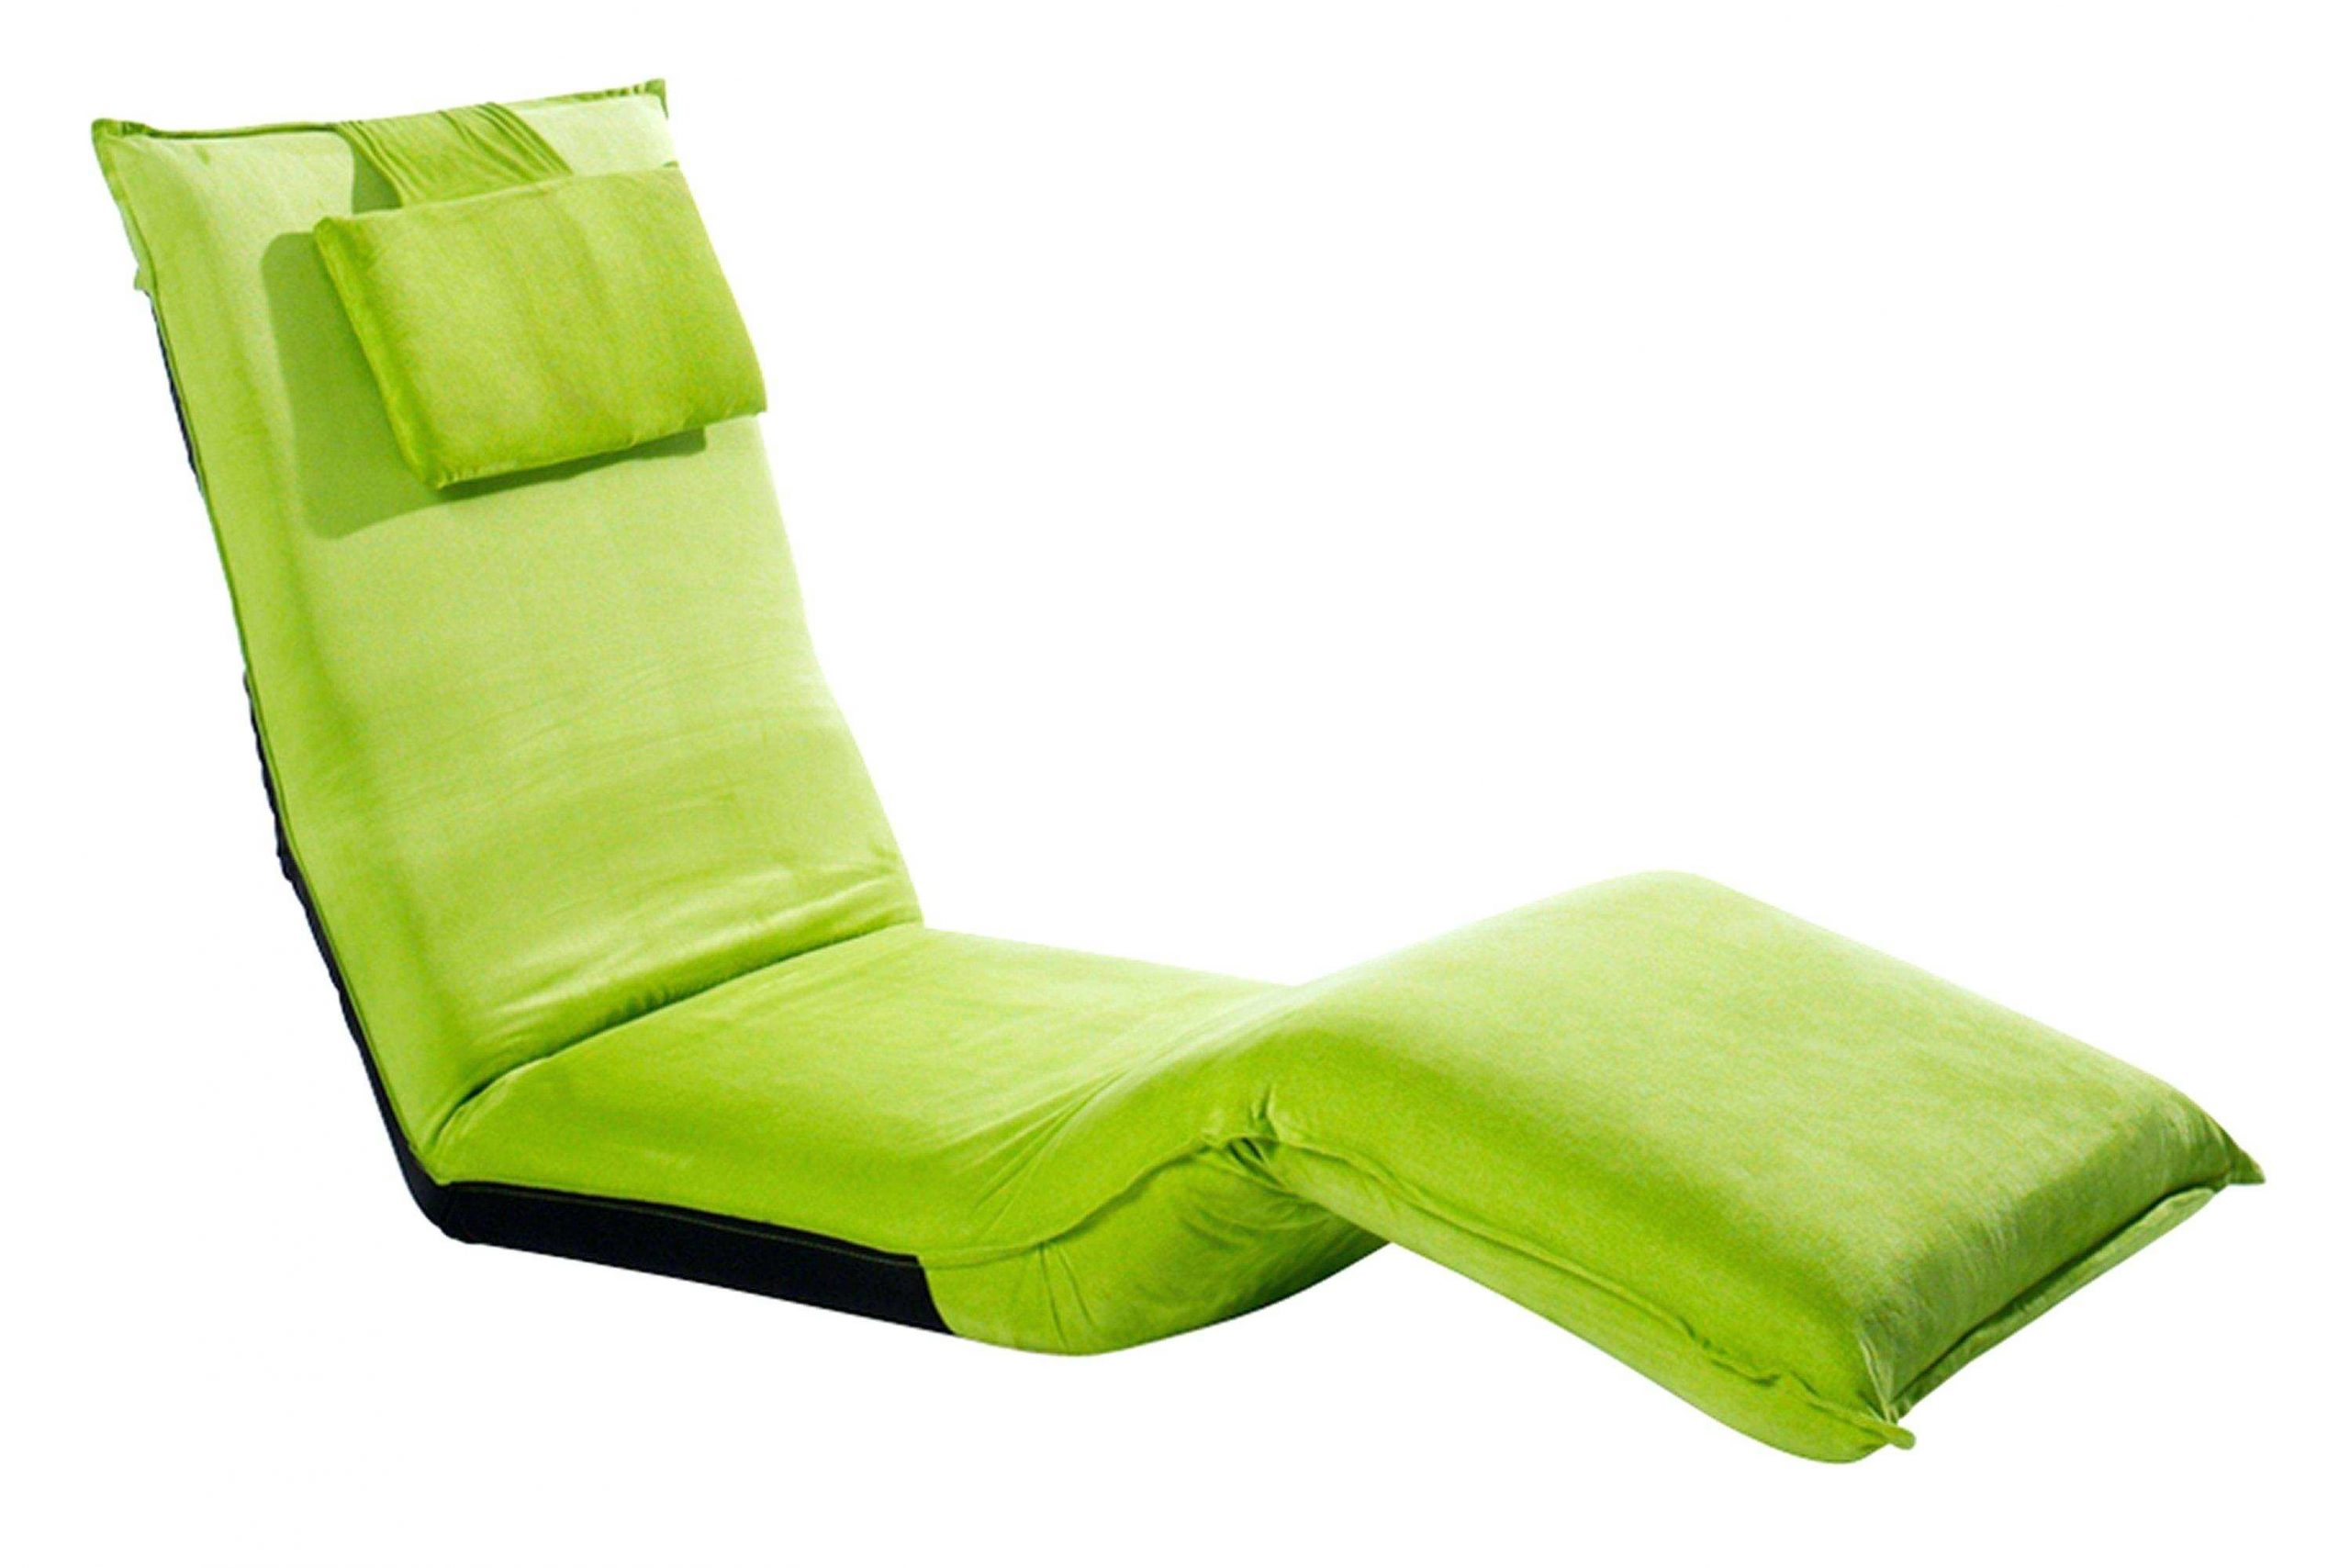 Full Size of Relaxliege Garten Wohnzimmer Sofa Mit Verstellbarer Sitztiefe Wohnzimmer Relaxliege Verstellbar